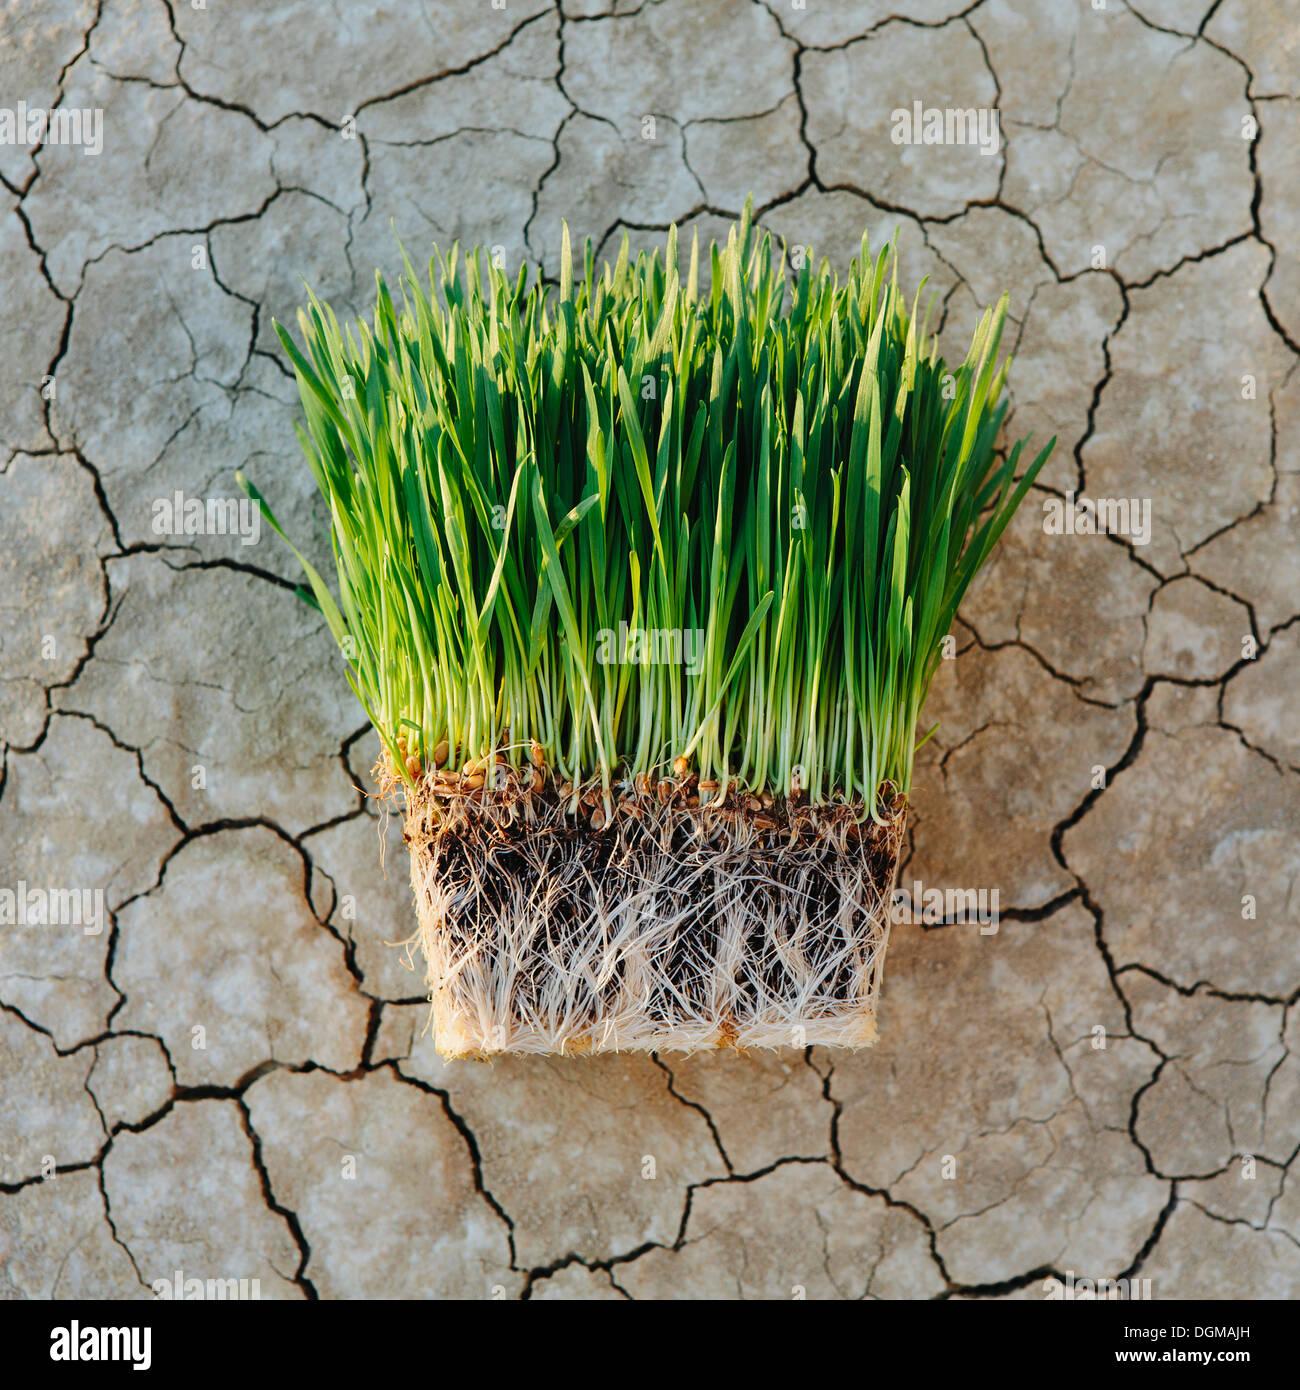 Black Rock Desert ariden geknackt knusprige Oberfläche Salz flach Playa Weizengras Pflanzen mit einem dichten Netz von Wurzeln Stockbild